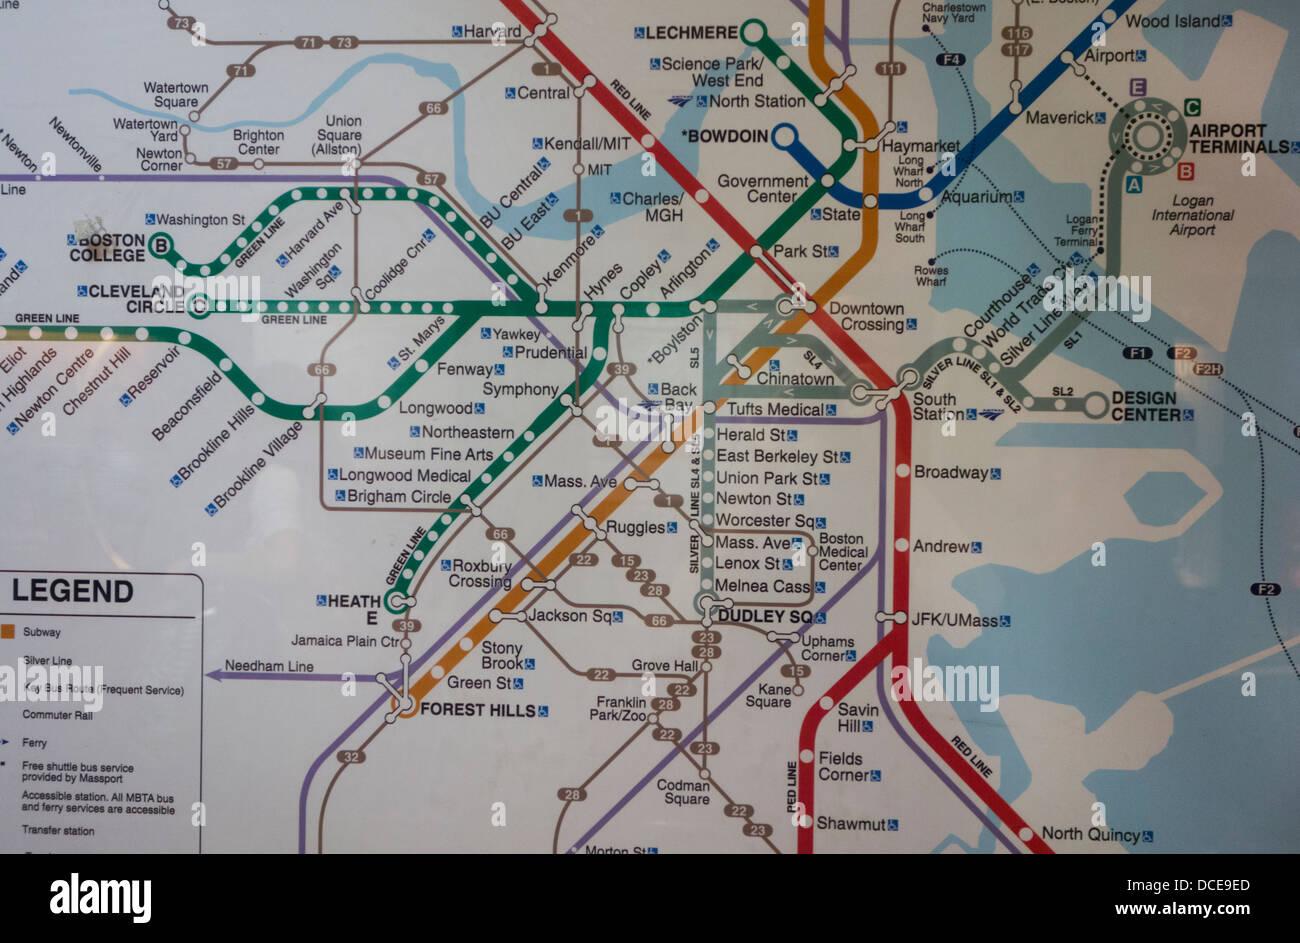 Boston T Subway Map.Boston Ma T Subway Map Stock Photo 59321765 Alamy